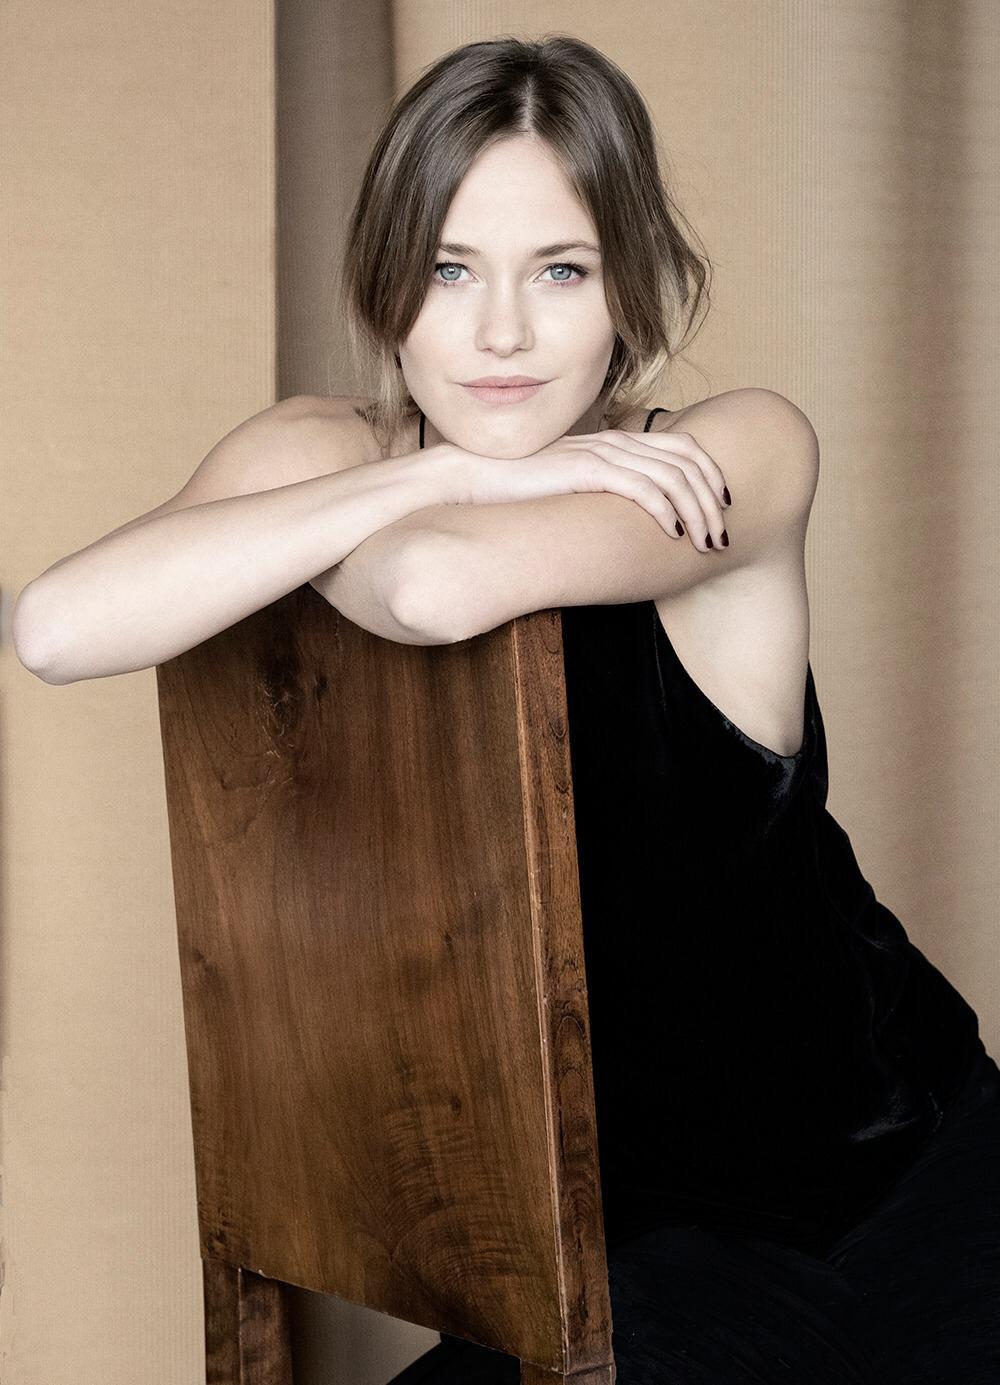 Лусия хиль фото актриса испания вернулись менее